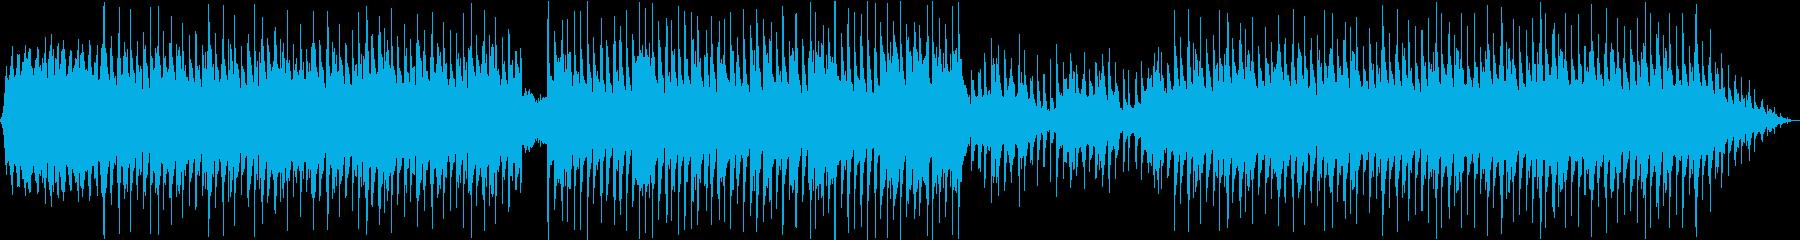 Lo-fi ピアノ vlog カフェの再生済みの波形